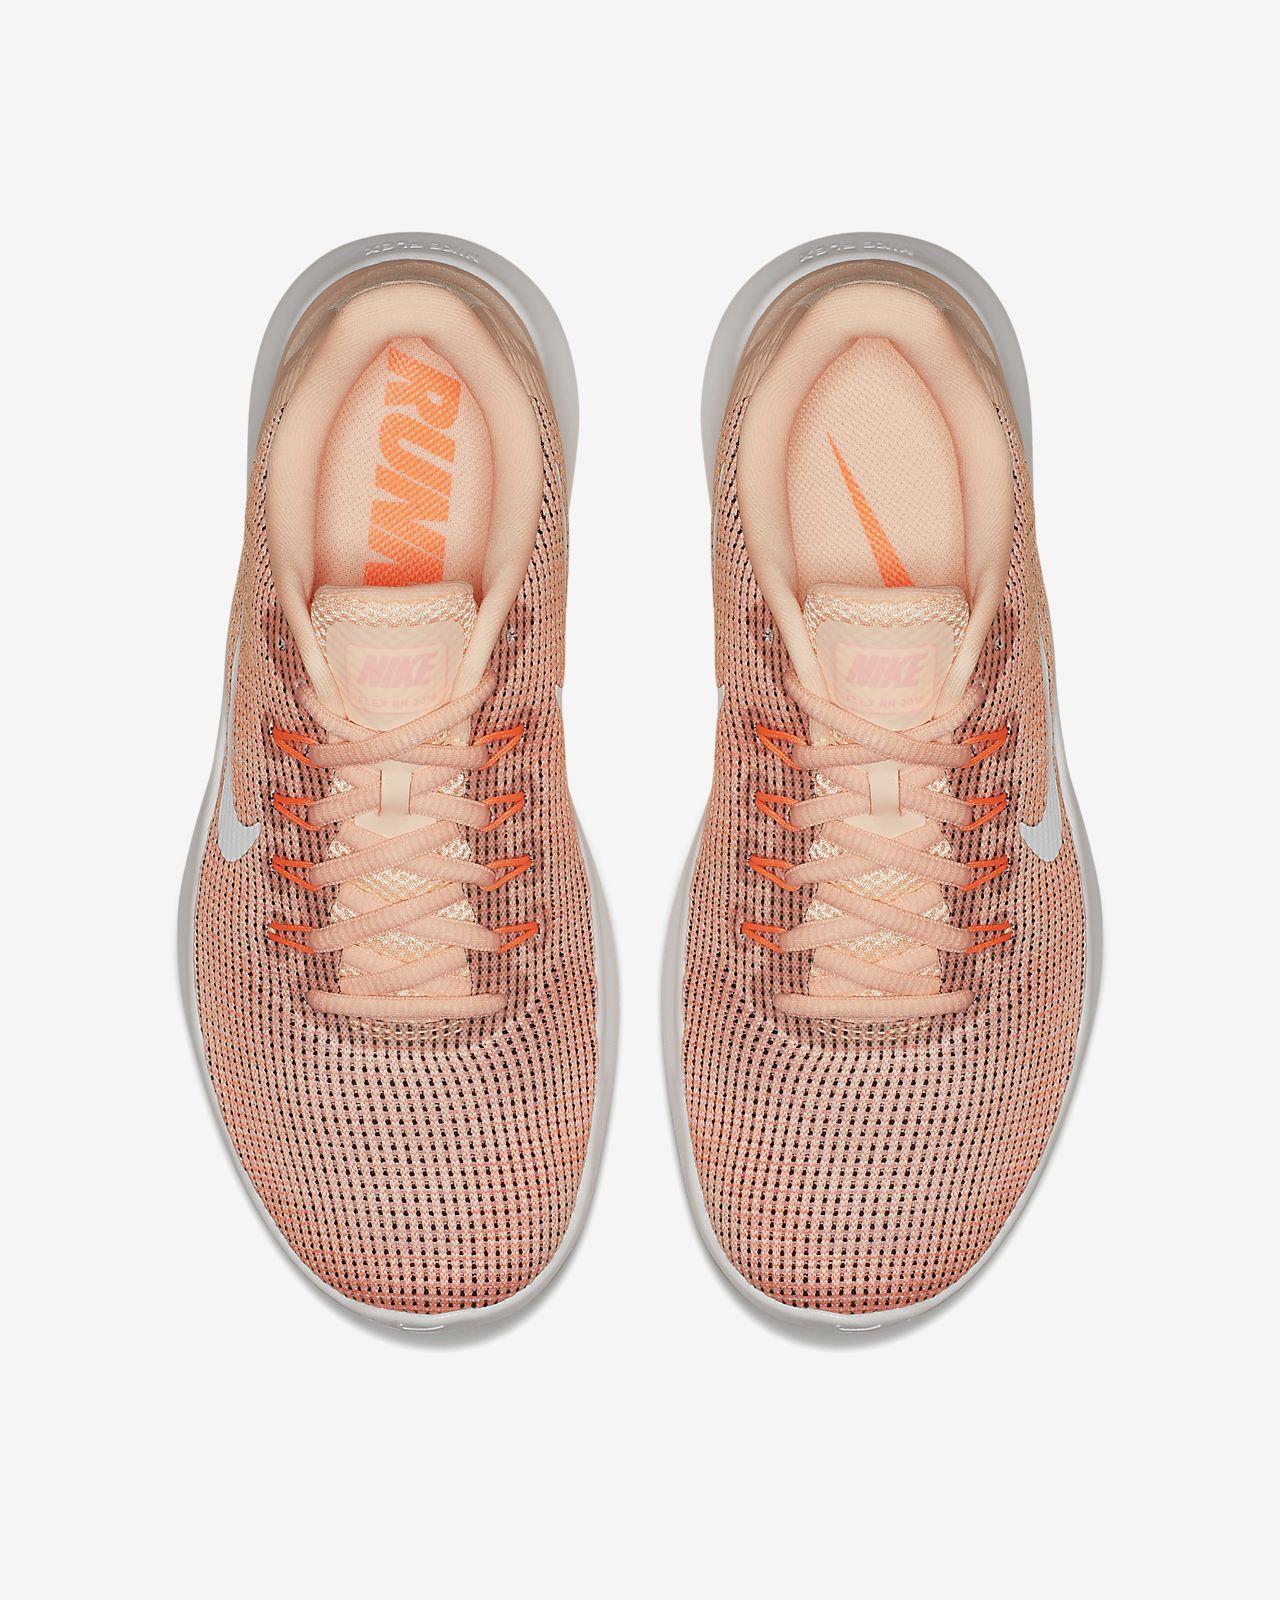 De Rn Flex FemmeCa Running Chaussure Nike 2018 Pour GLzjqSUMVp